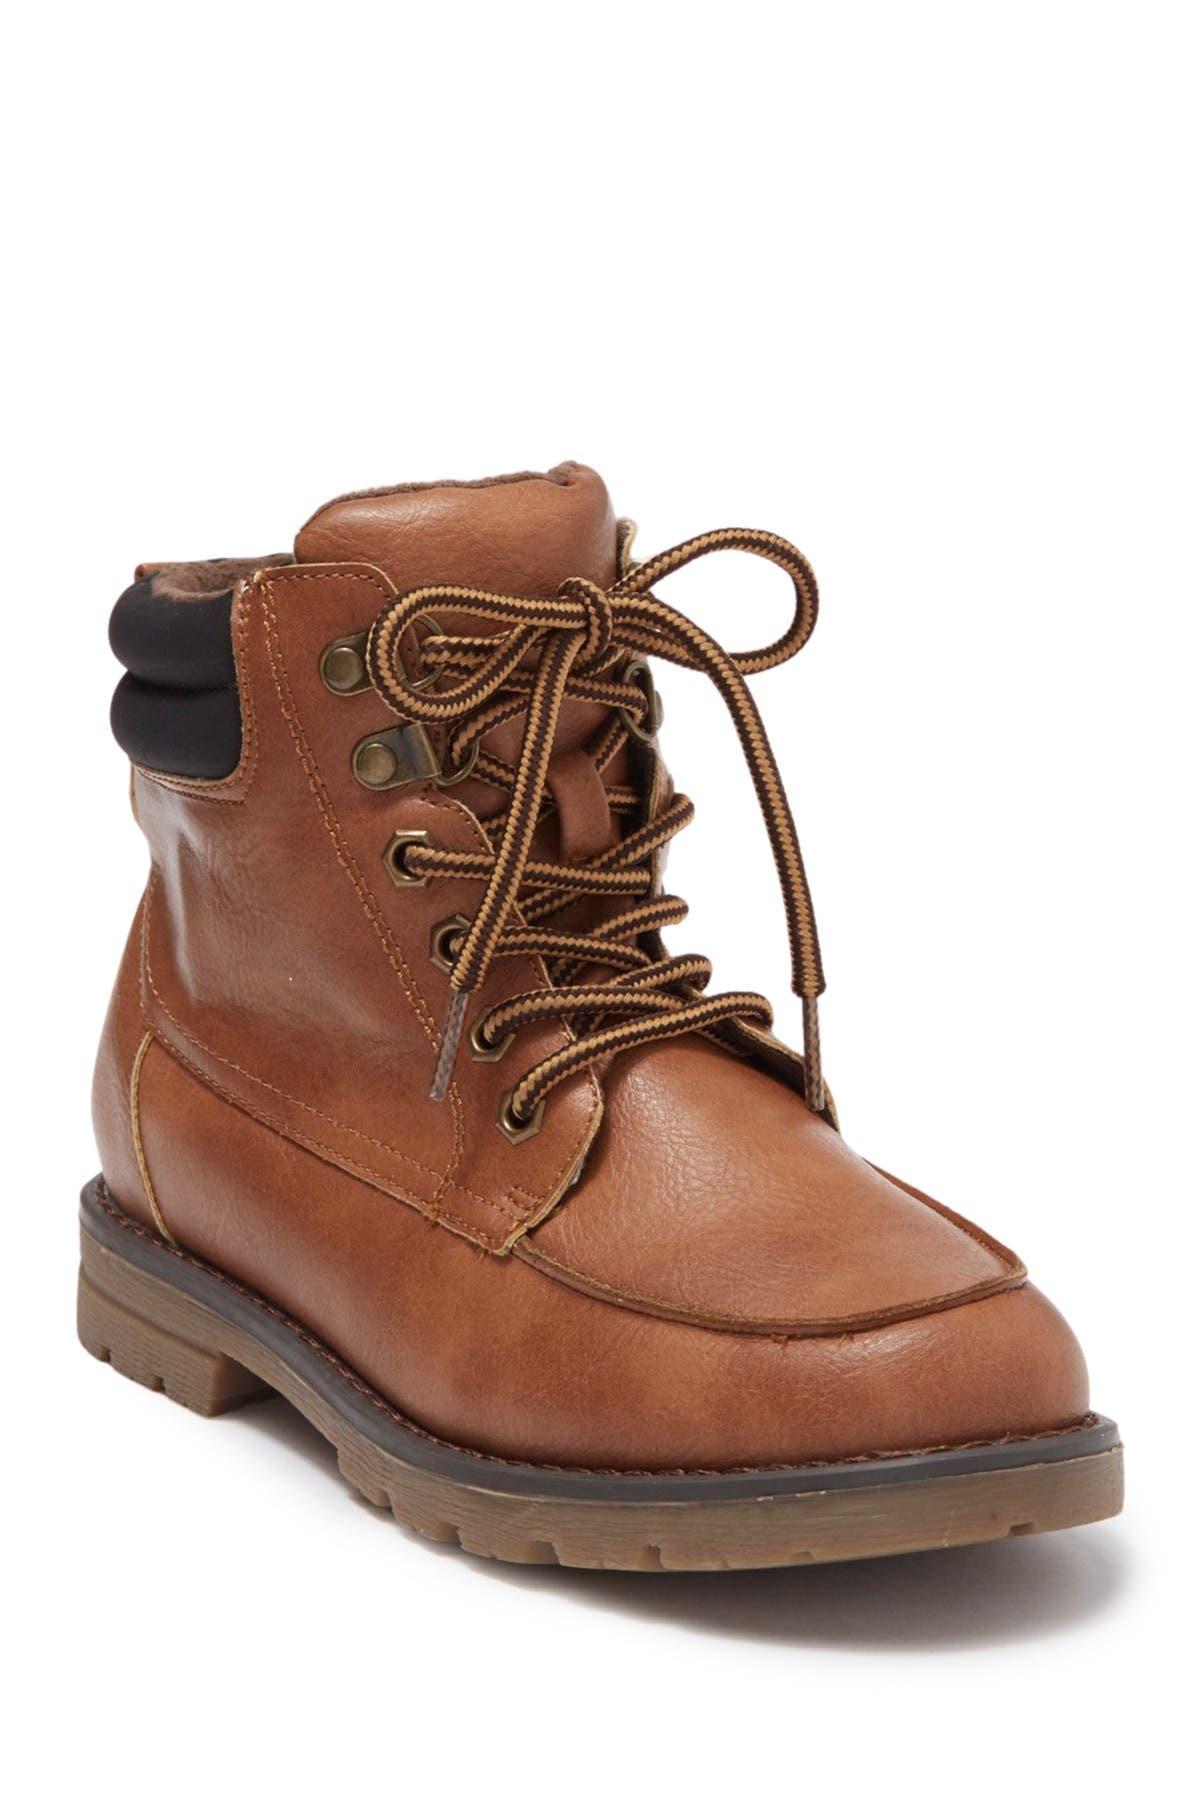 Image of Joe Fresh Ballion Lug Sole Boot